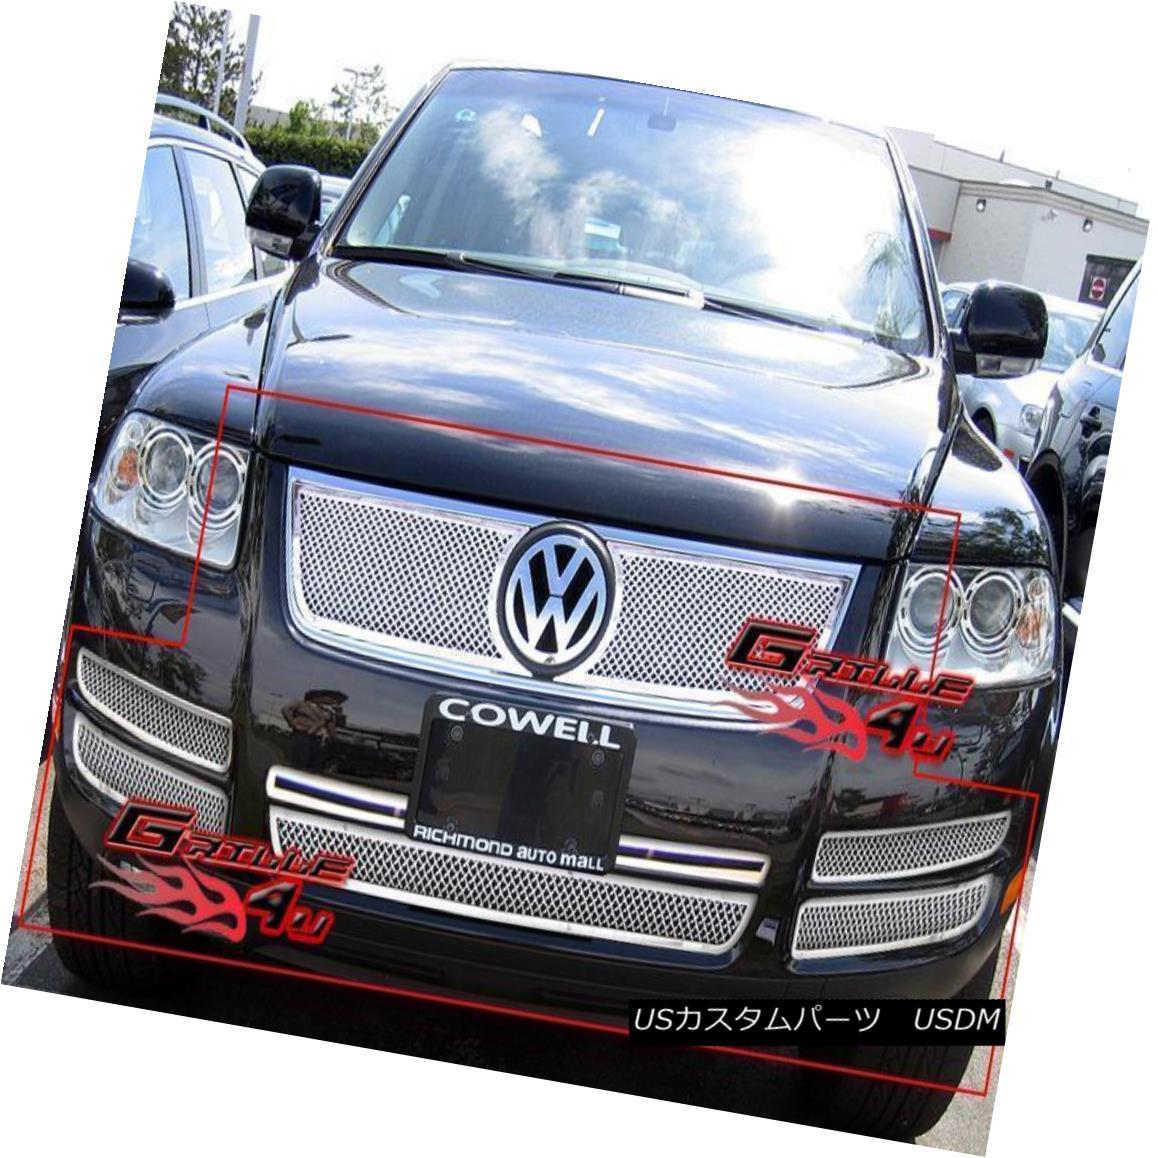 グリル Fits 2003-2007 Volkswagen Touareg V6 Stainless Mesh Grille Combo フィット2003-2007フォルクスワーゲントアレグV6ステンレスメッシュグリルコンボ